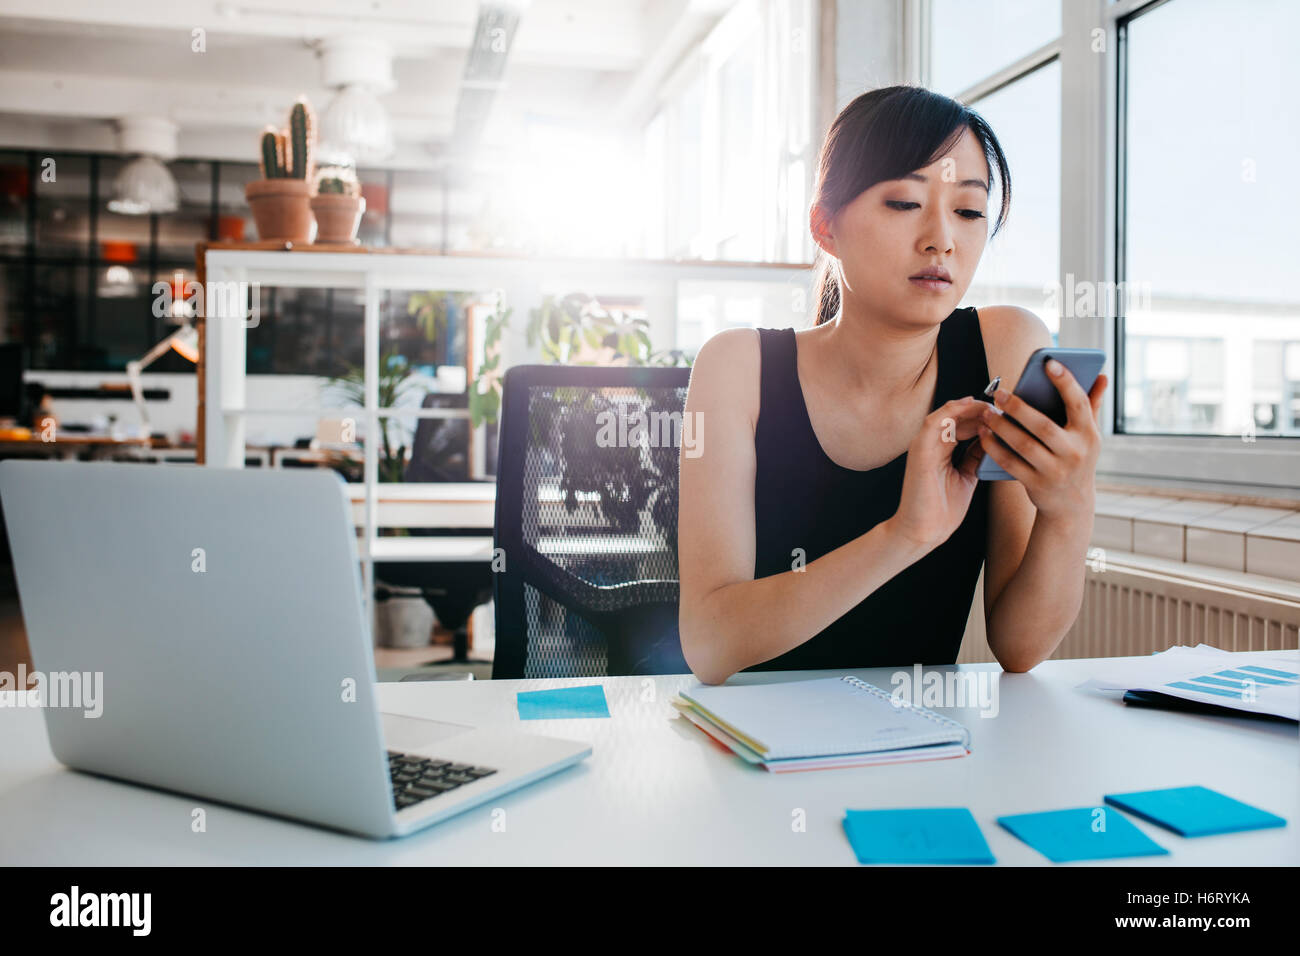 Portrait von junge asiatische Frau sitzt an ihrem Schreibtisch mit Laptop und Klebstoff Notizen über Mobiltelefon. Stockbild